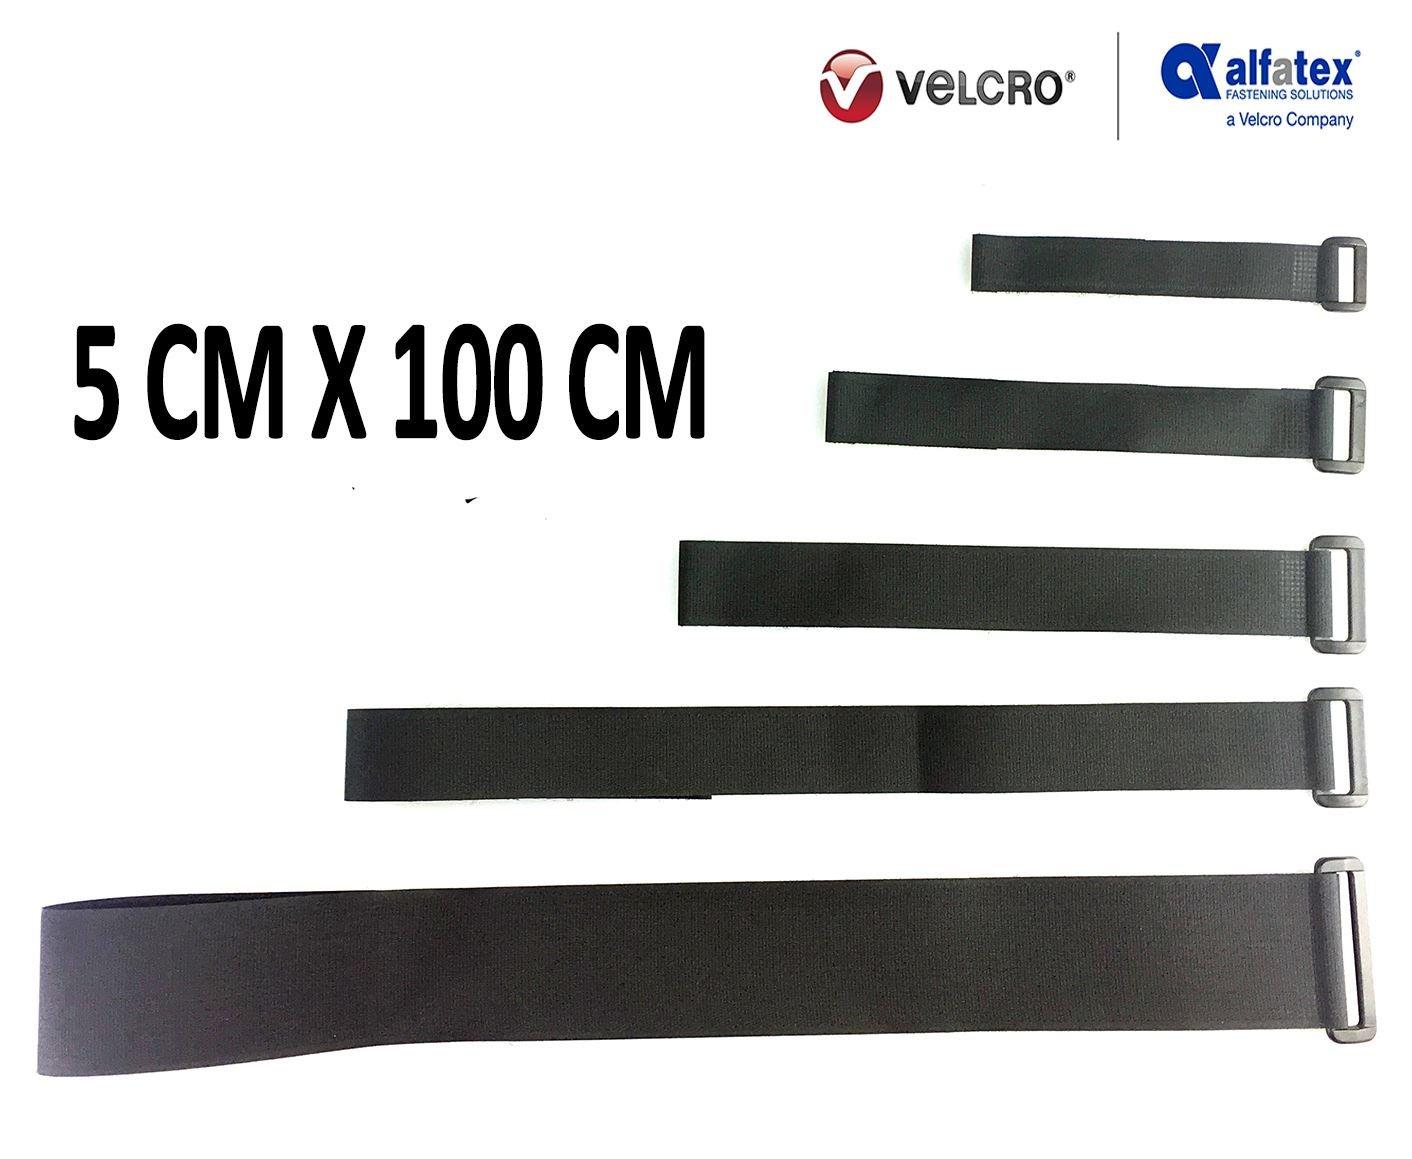 schwarz- 2.5cmx25cm 10 St/ück VELCRO/® Brand wiederverwendbare Klett-Kabelbinder wiederverschlie/ßbar mit Klett-Verschluss und Schnalle universell einsetzbar